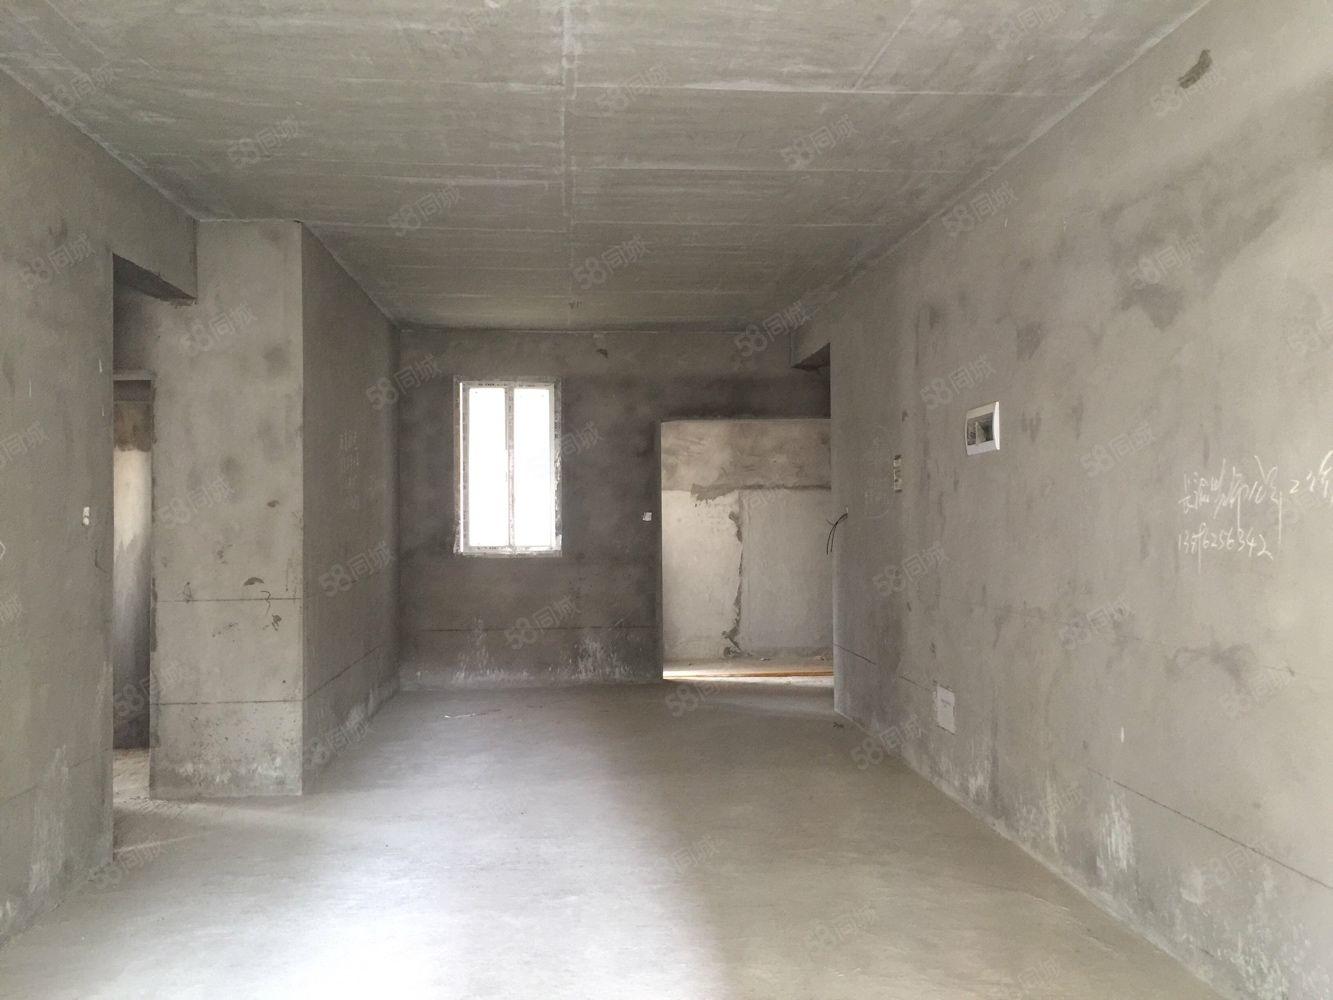 雙桂湖周邊上海城A區3室2廳2衛清水房